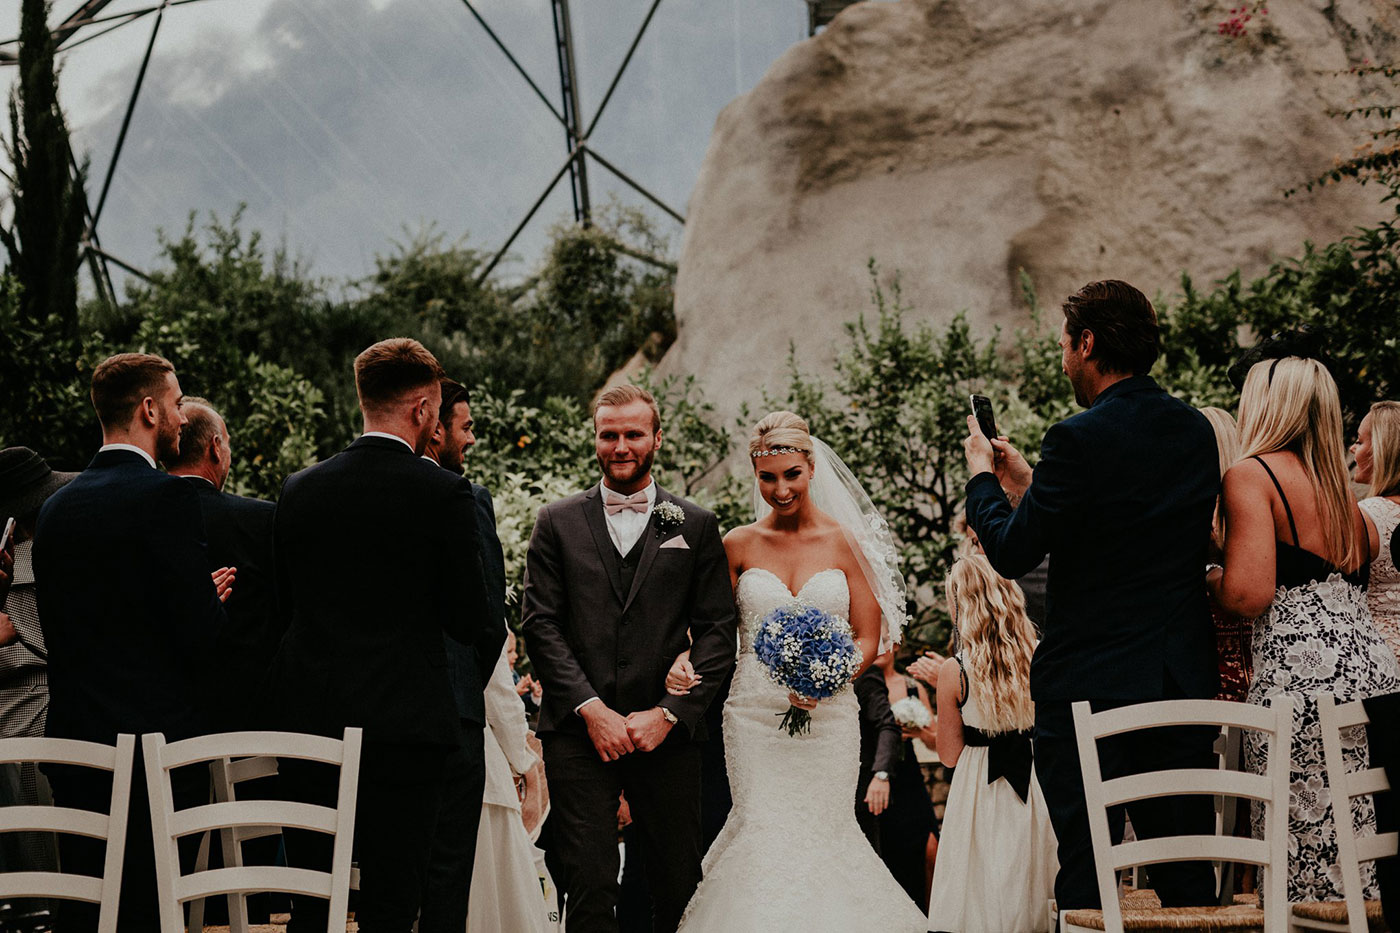 Eden Project Wedding Venue